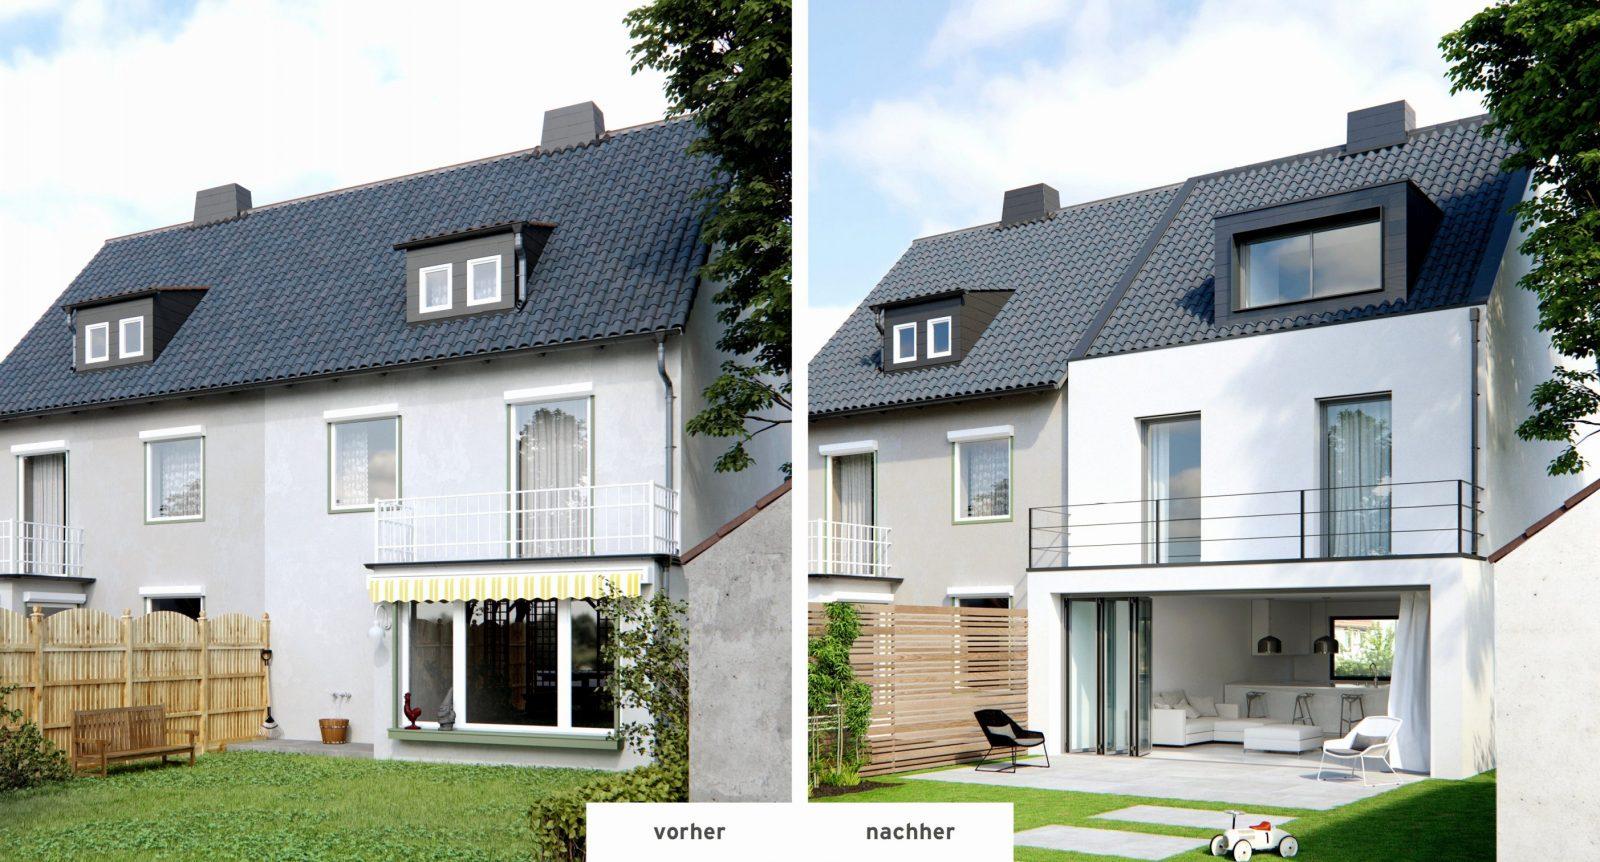 67 Schön Bilder Von Altes Haus Renovieren Vorher Nachher  Haus von Häuser Renovieren Vorher Nachher Bild